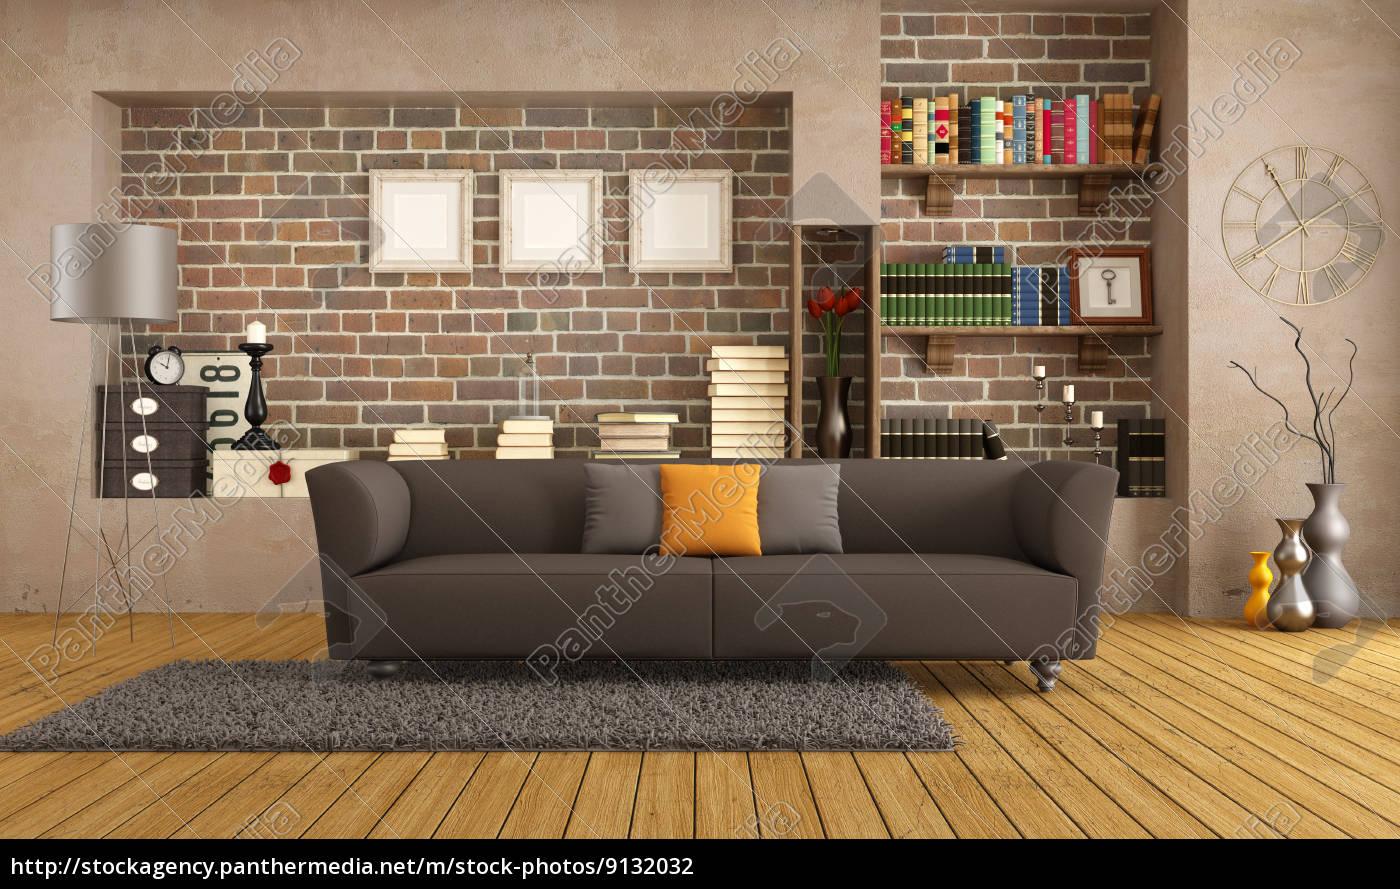 Moderne wohnzimmer couch  modern sofa in einem vintage-wohnzimmer - Lizenzfreies Foto ...